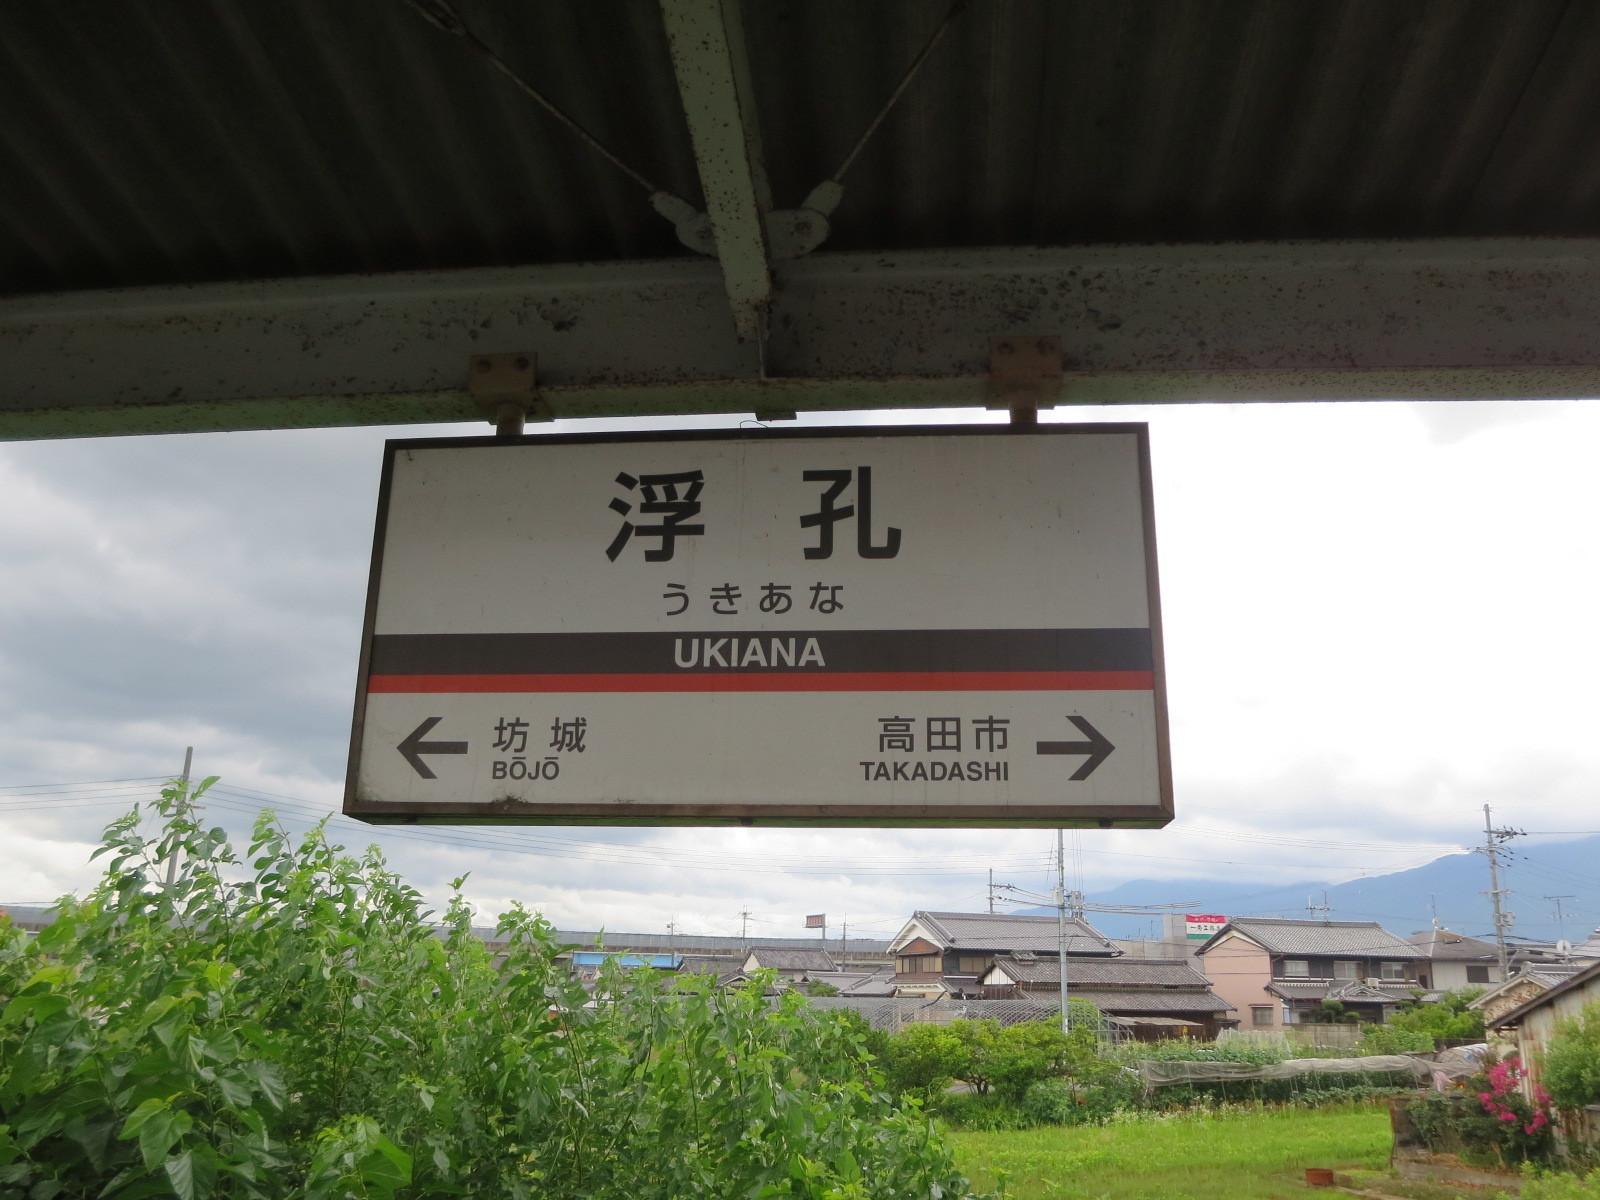 奈良の駅名読めるかな 2_c0001670_20035705.jpg